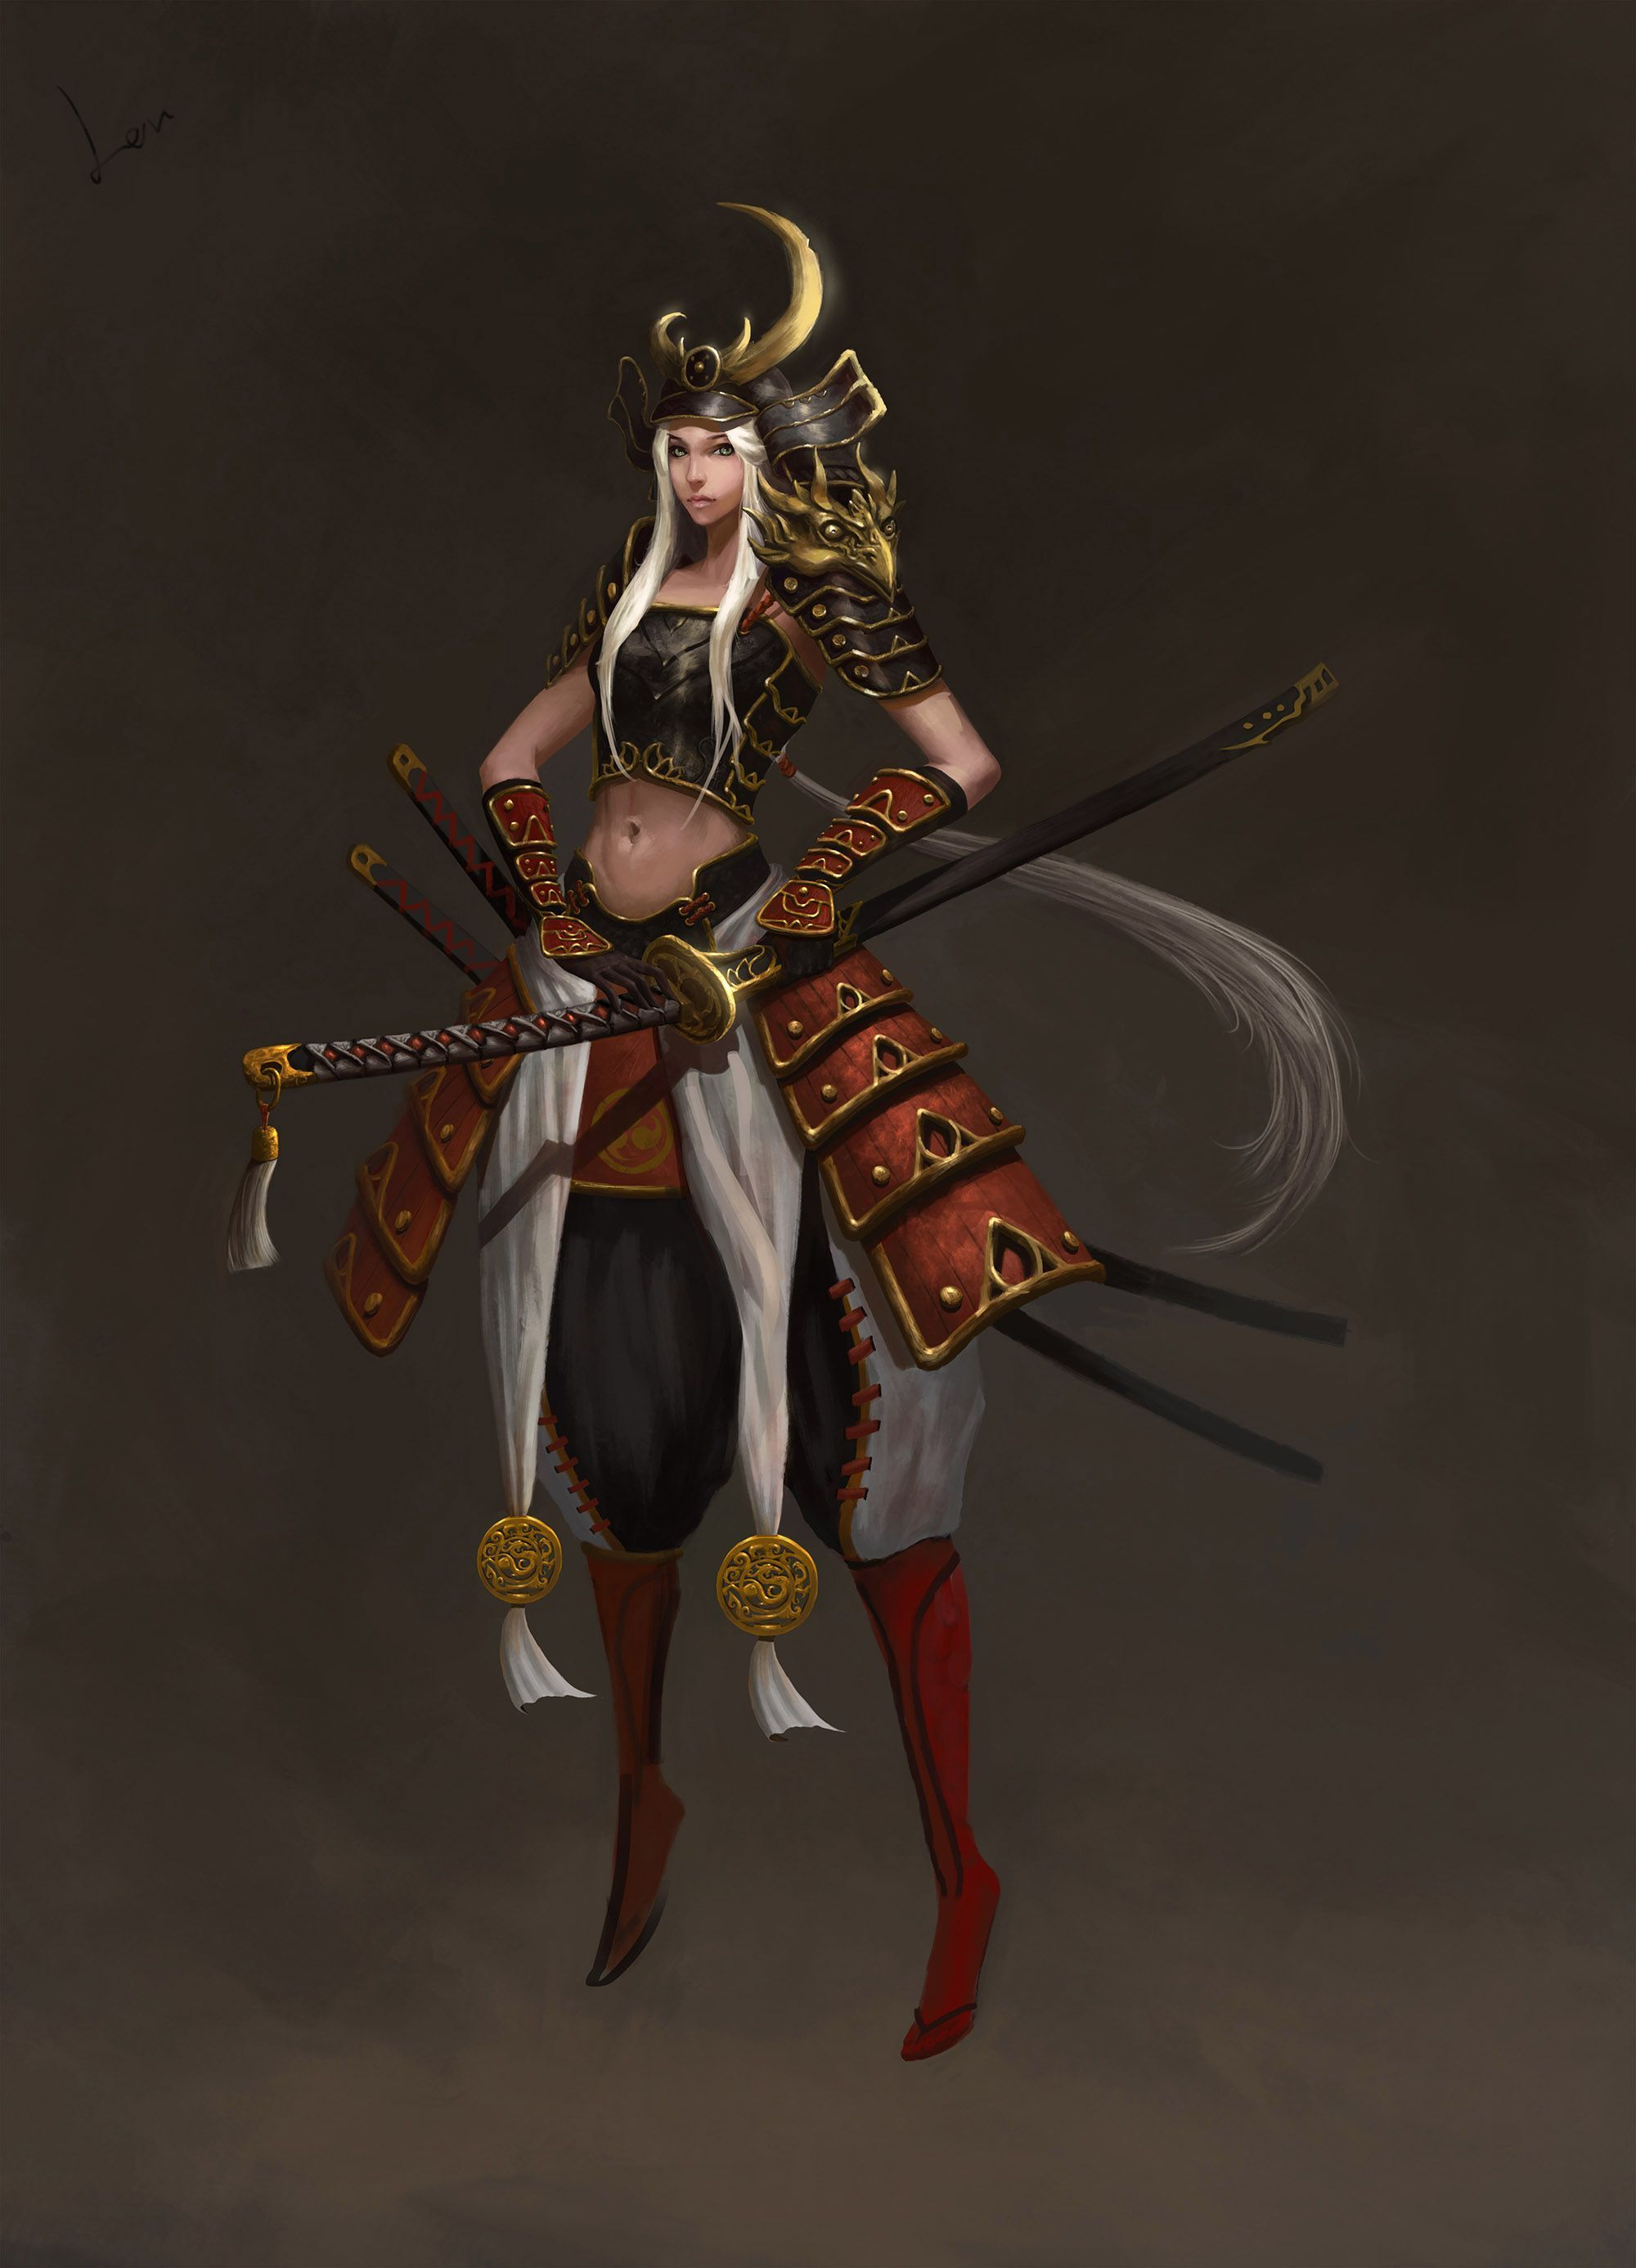 Pin by Moh Elsheikh on 3d Female samurai, Fantasy